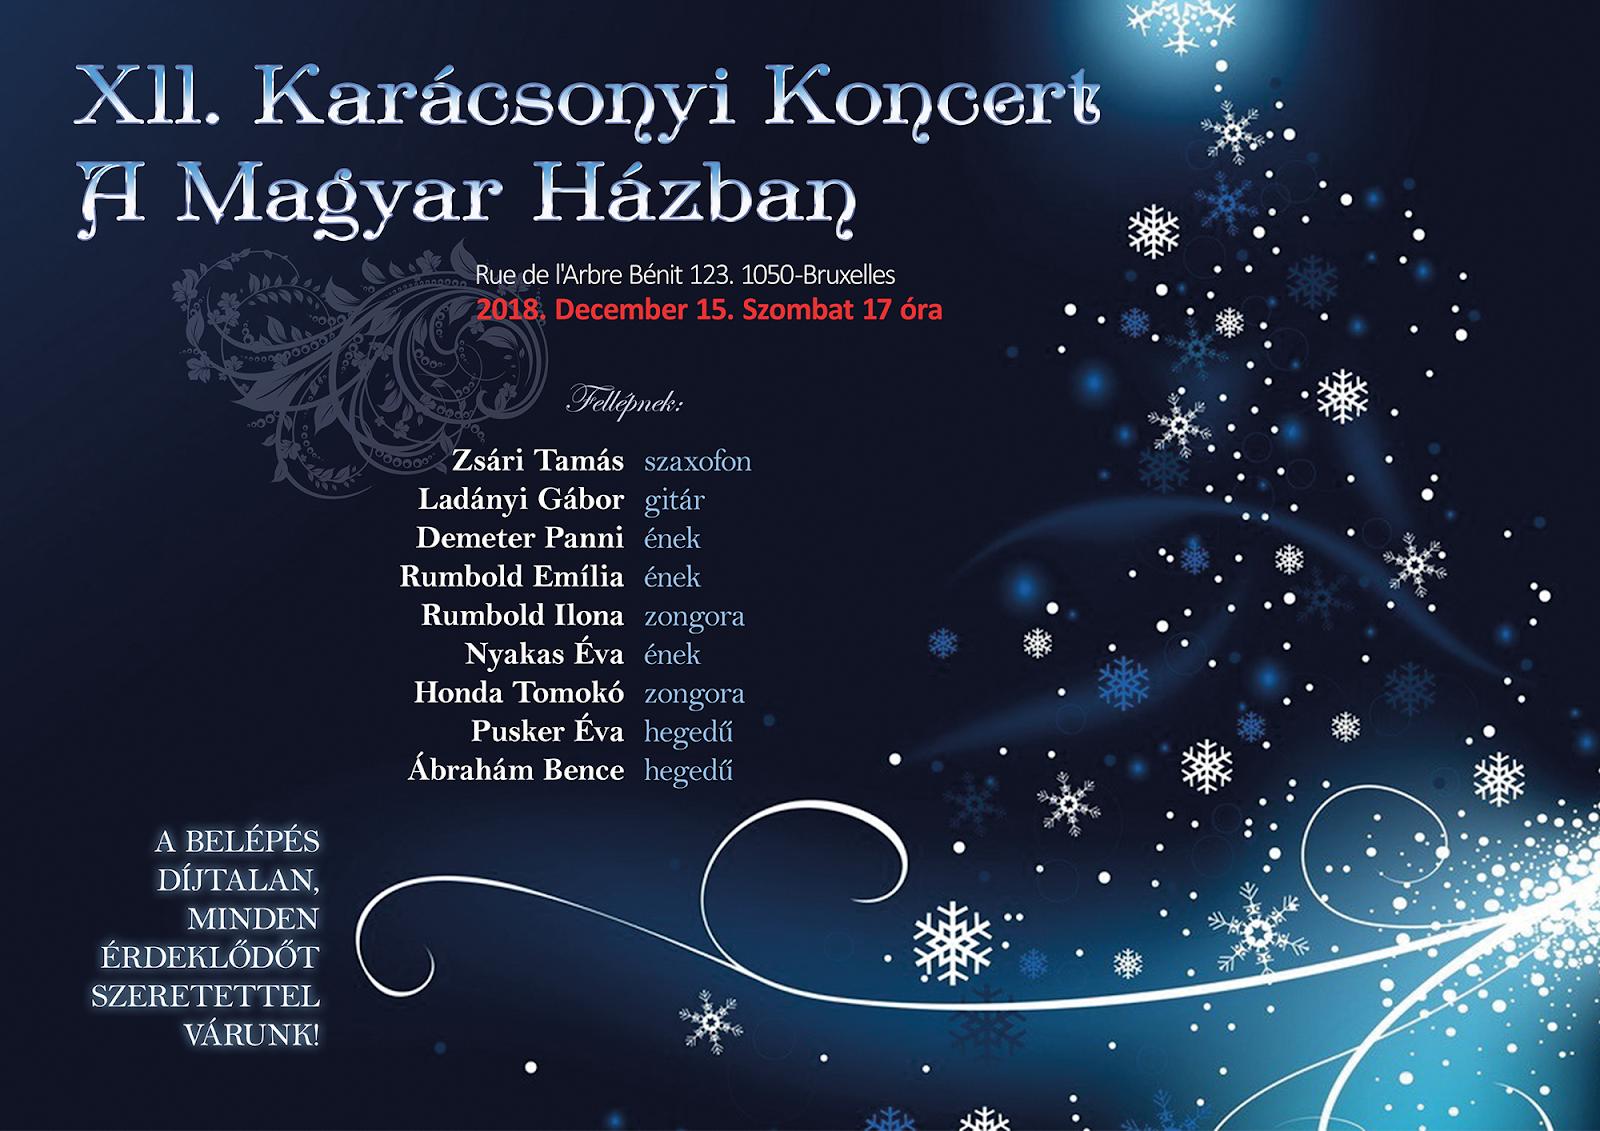 XII. Karácsonyi Koncert a Magyar Házban - 2018. december 15. (szo) 17 óra